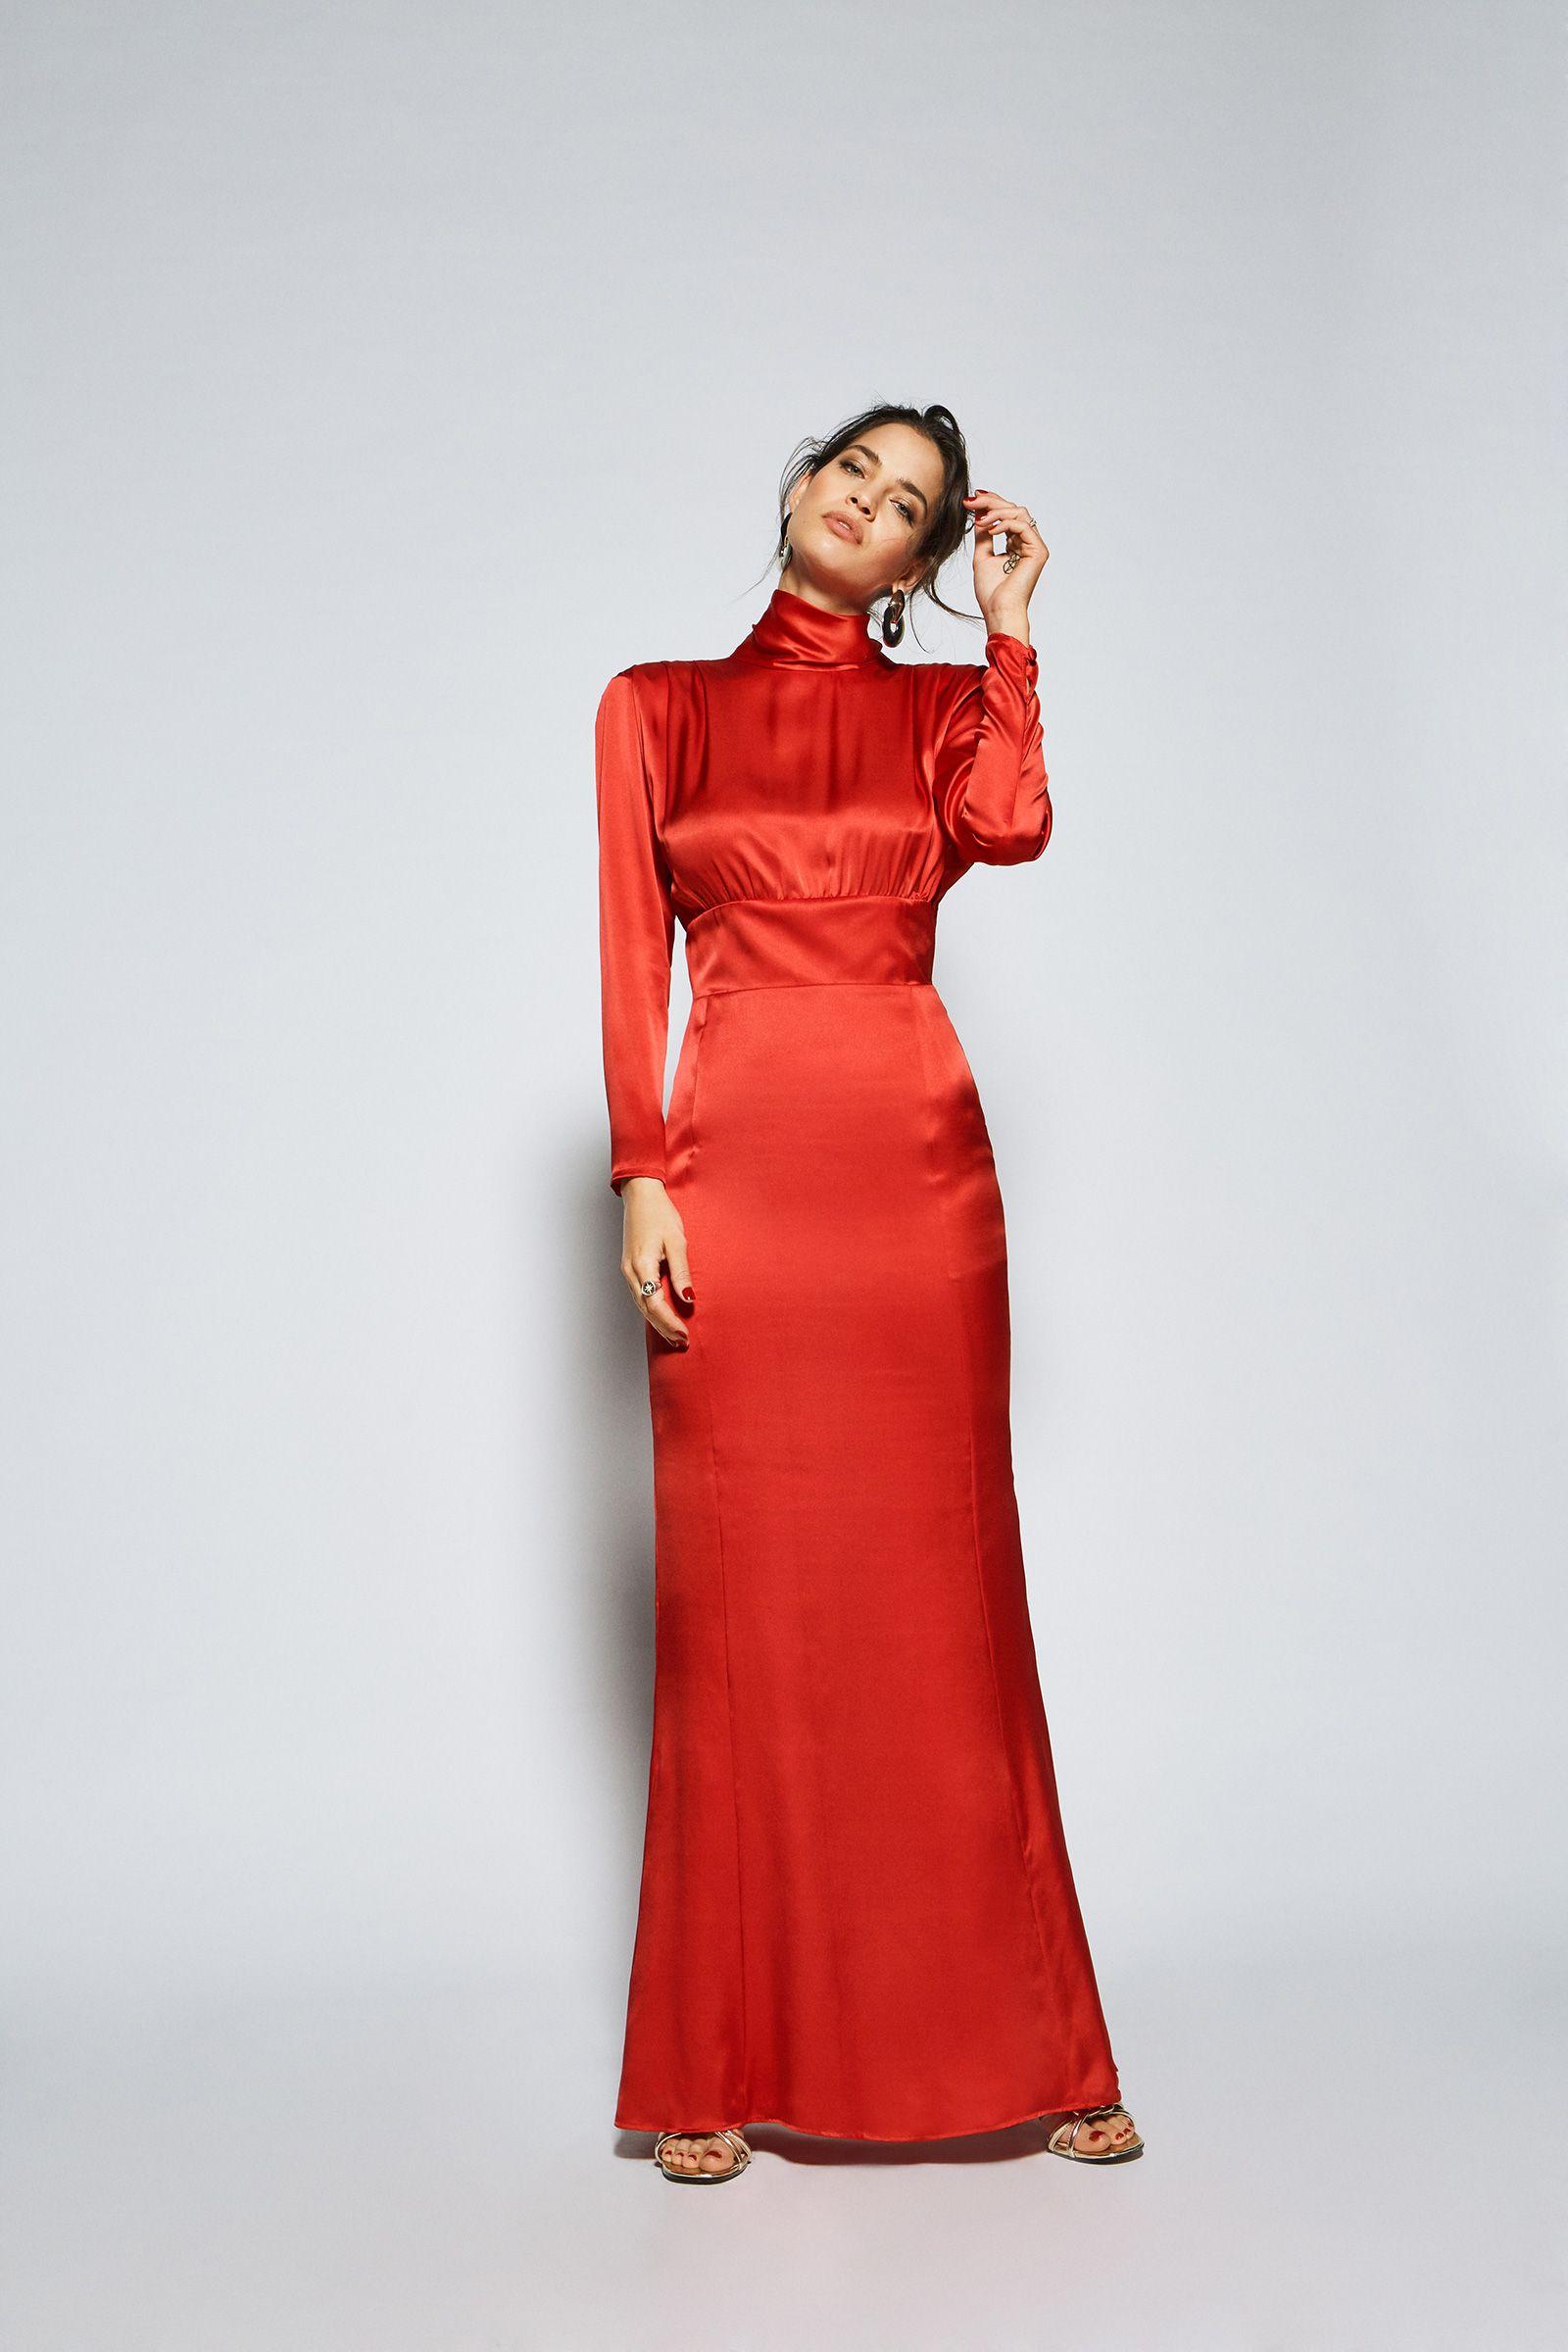 ae24fb7a70 Luce este hermoso vestido estilo largo de seda satinado en tu próximo  evento y fiesta.